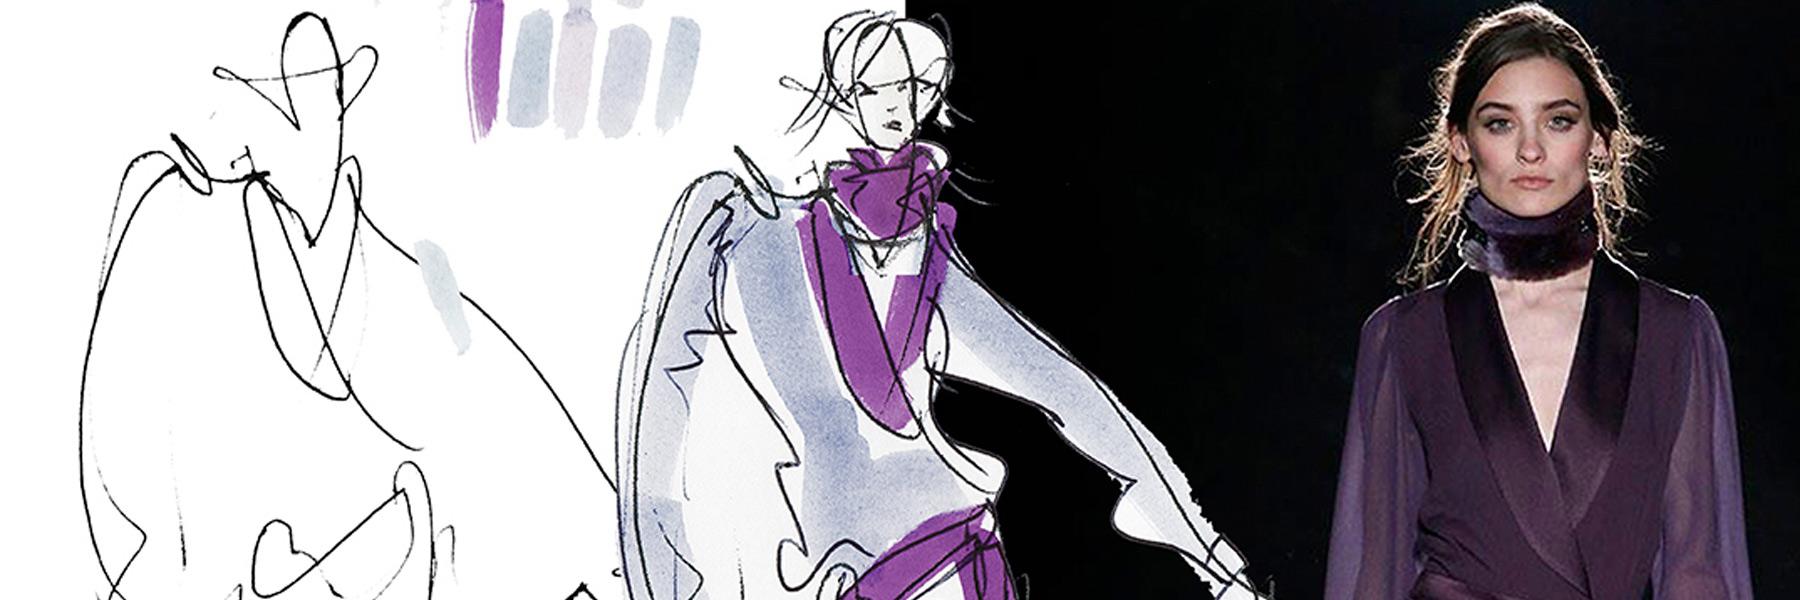 Imatge taller infantil d'il·lustració de moda.